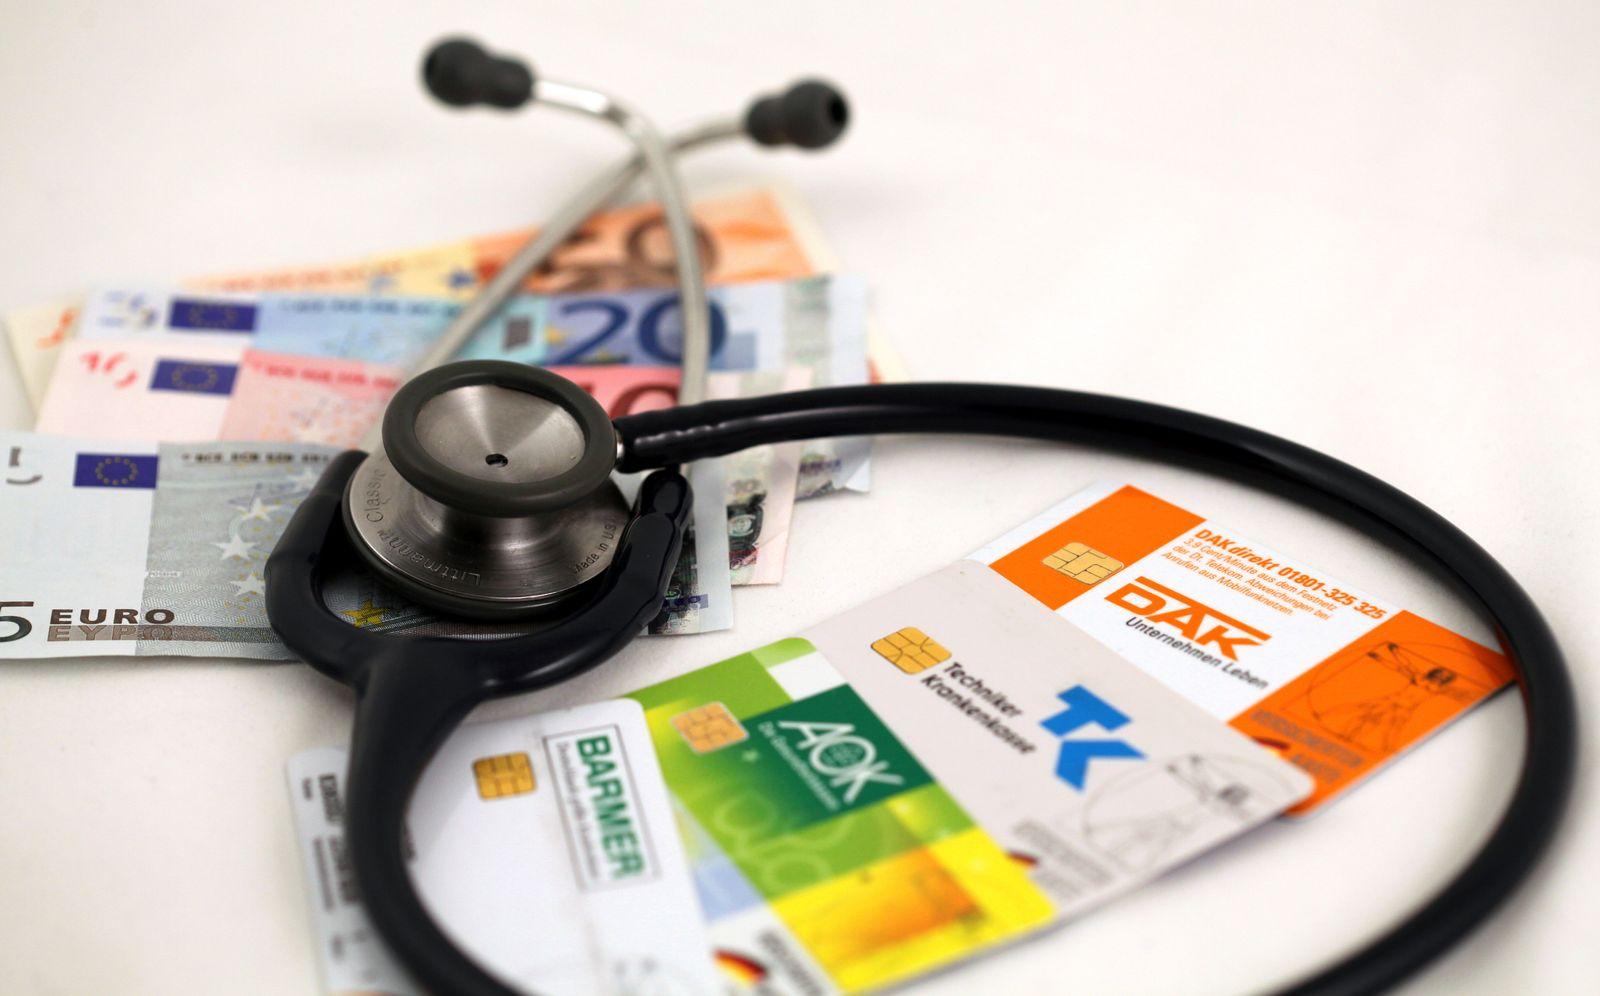 Krankenkasse / Leistungen / Versicherung